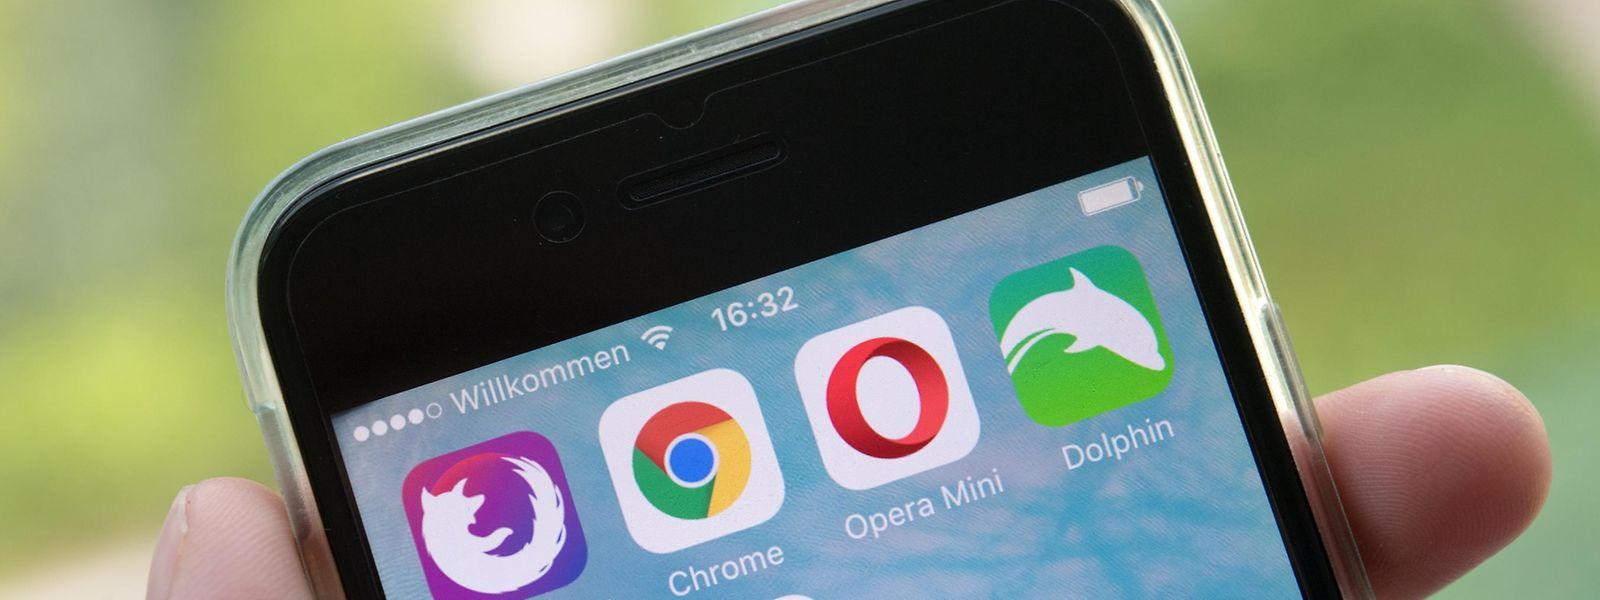 Auch auf dem Smartphone haben Nutzer die Auswahl zwischen vielen verschiedenen Browsern.